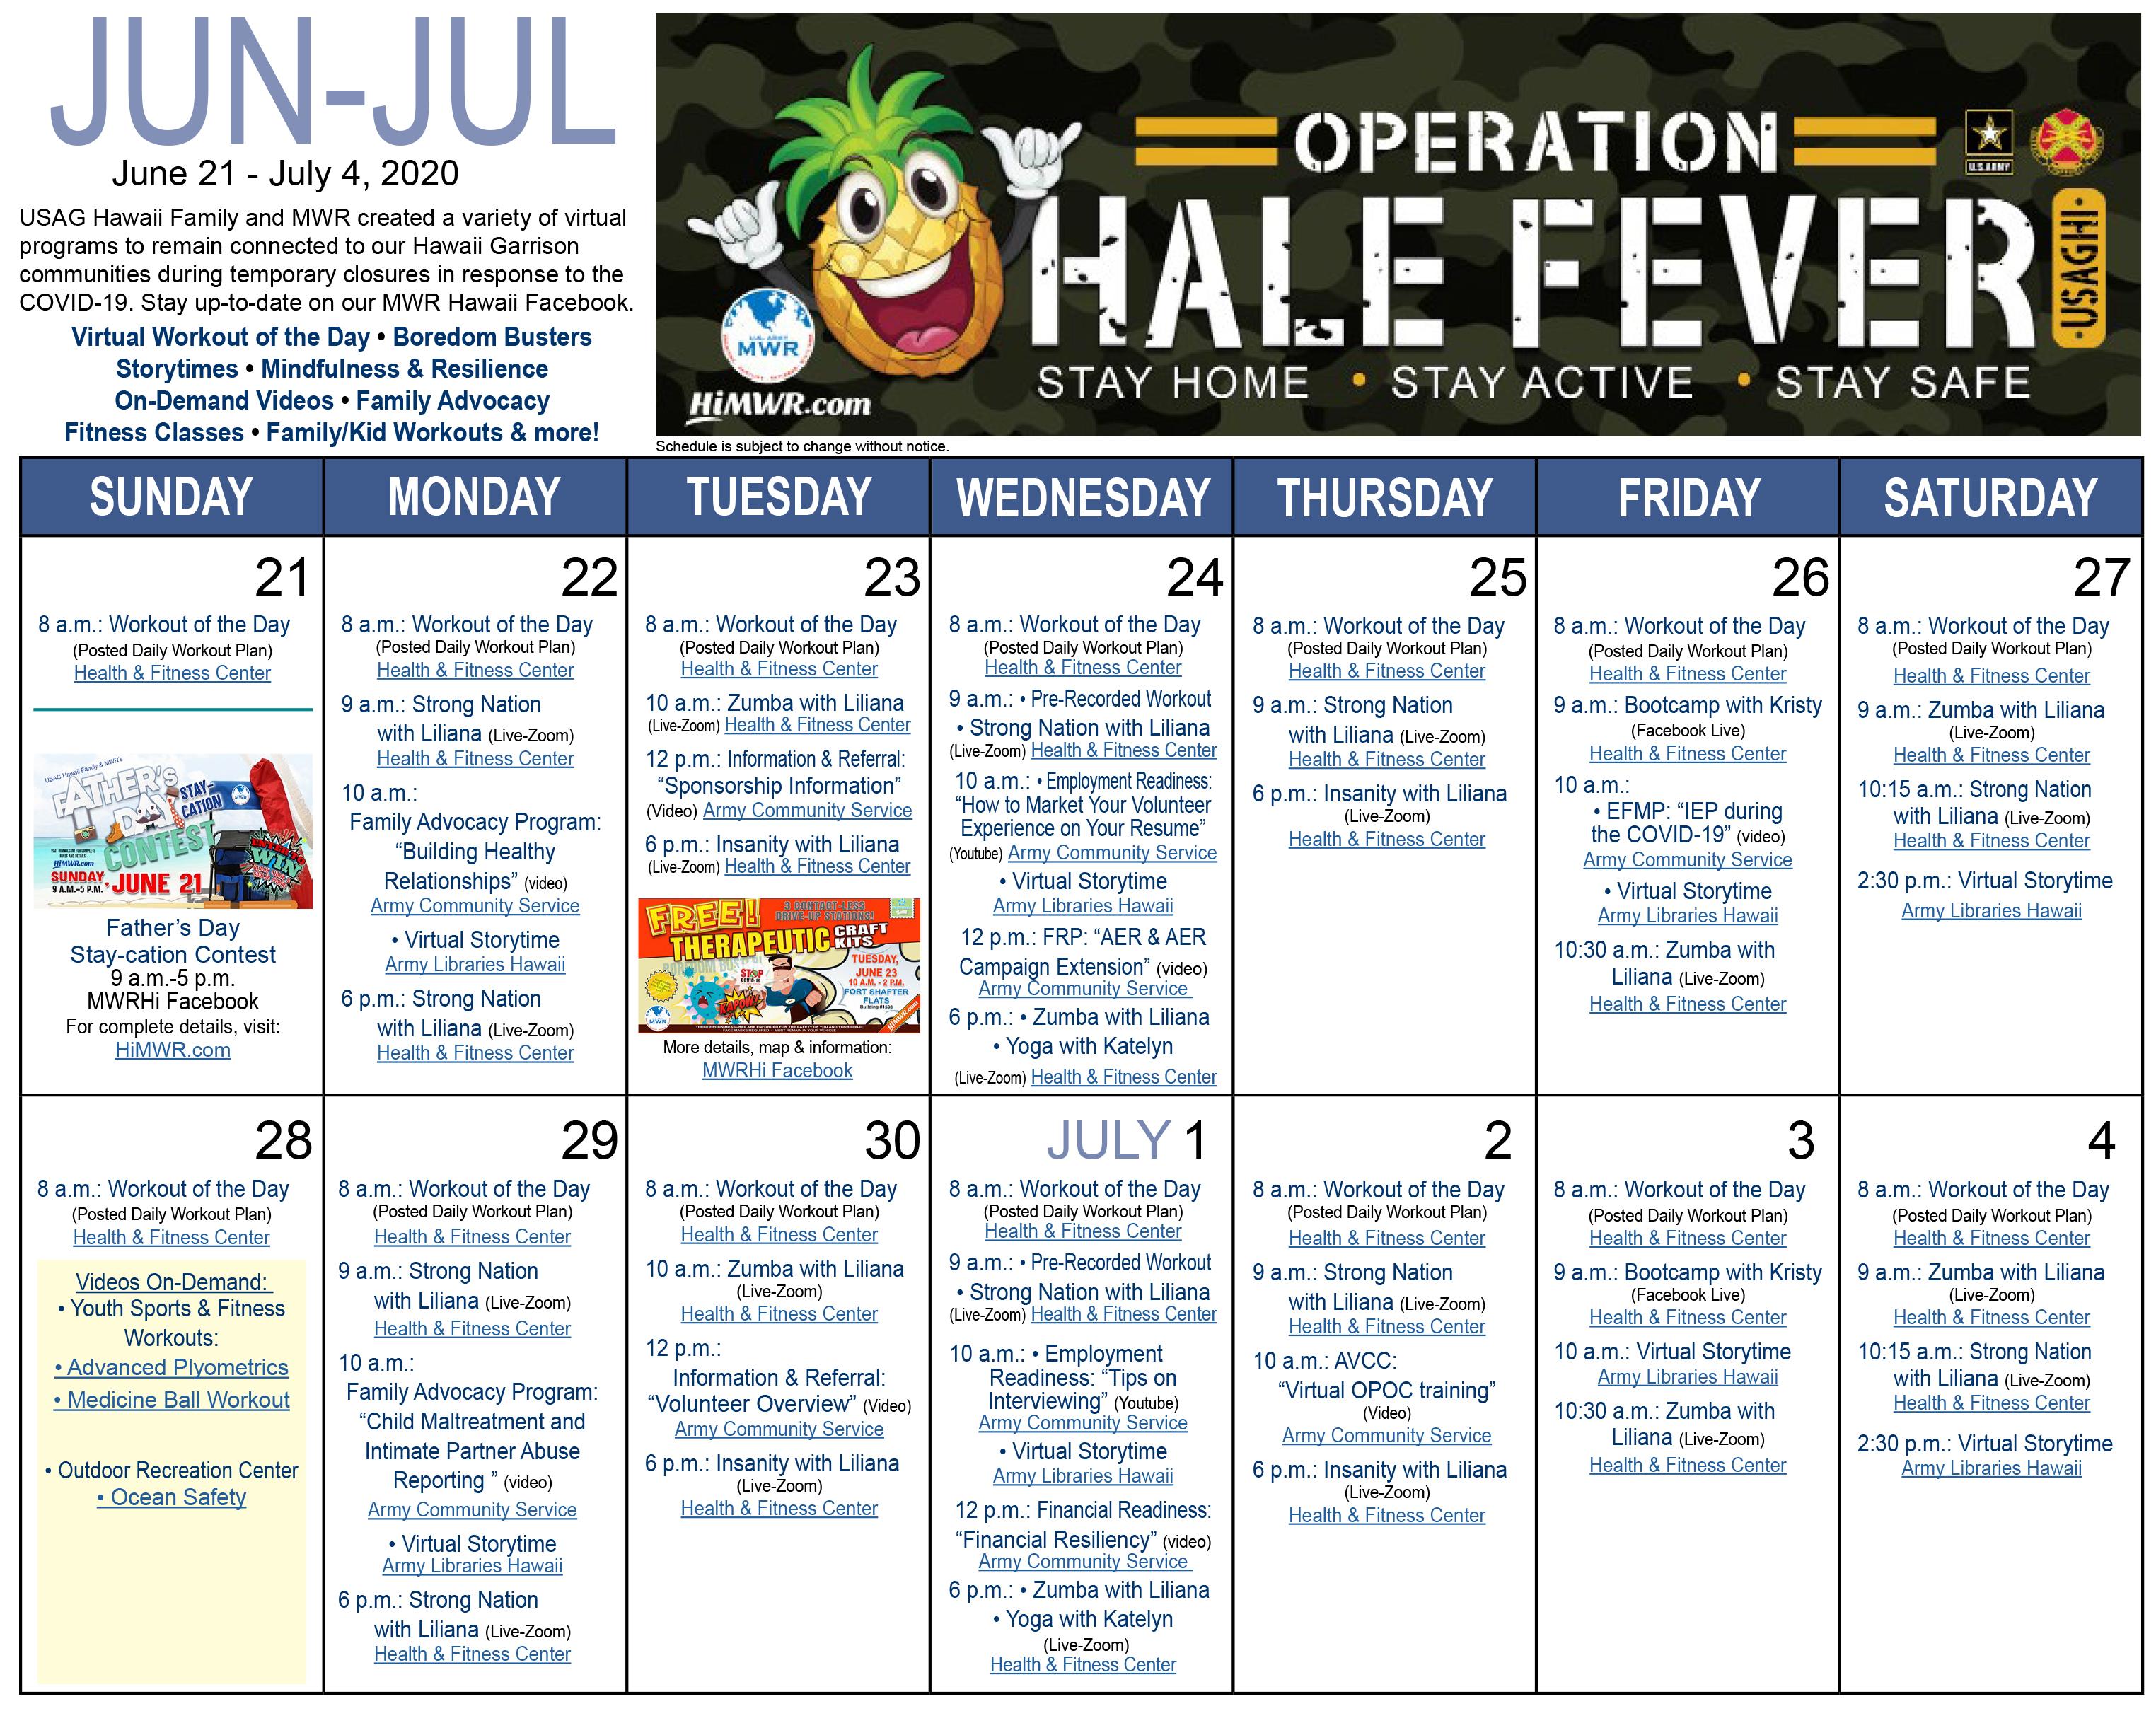 Operation Hale Fever Calendar June 22 - July 04, 2020